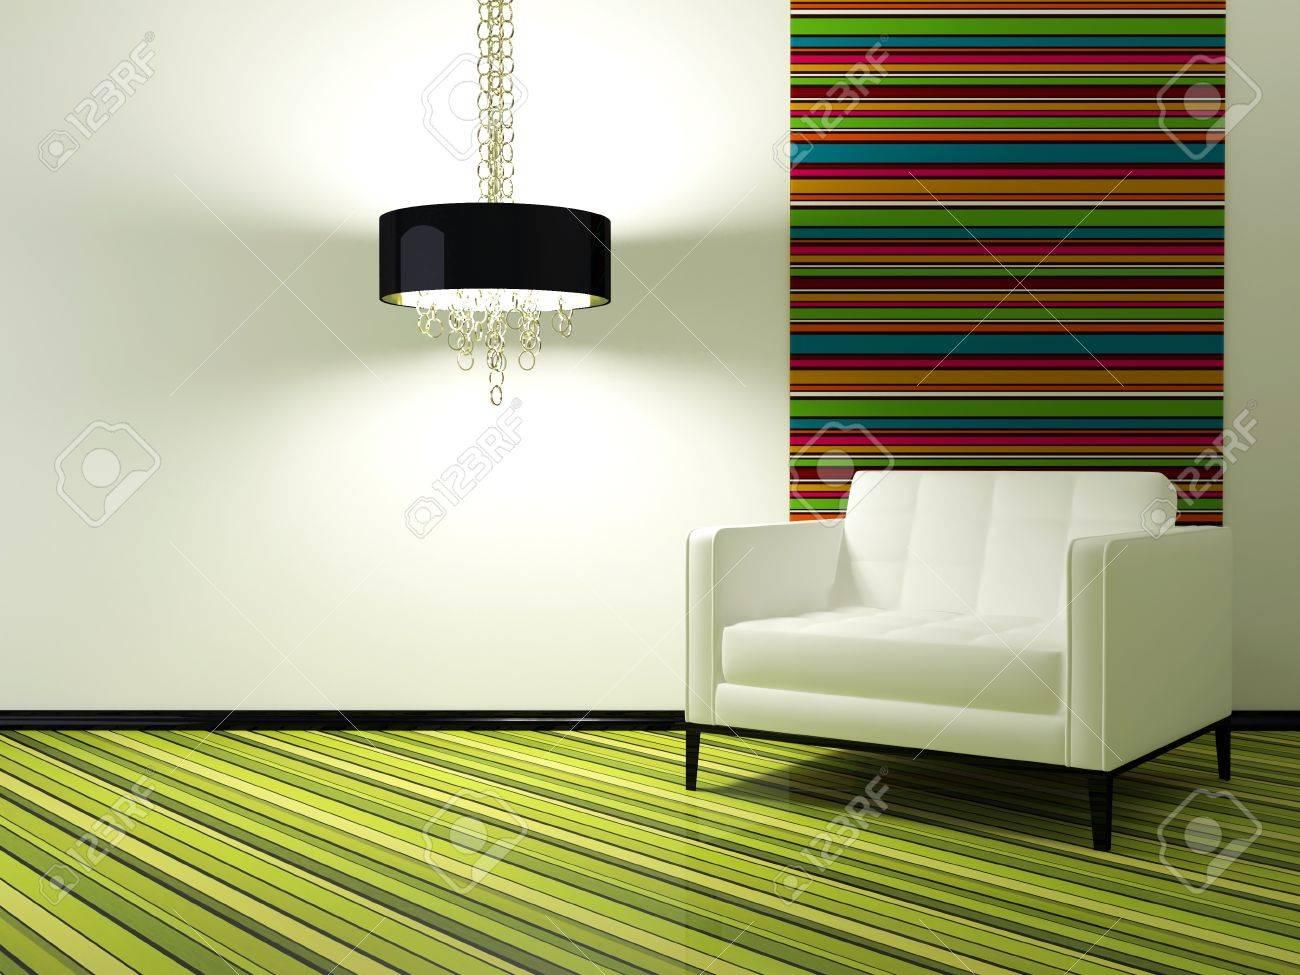 Design d\'intérieur de salon moderne avec fauteuil blanc, 3d render